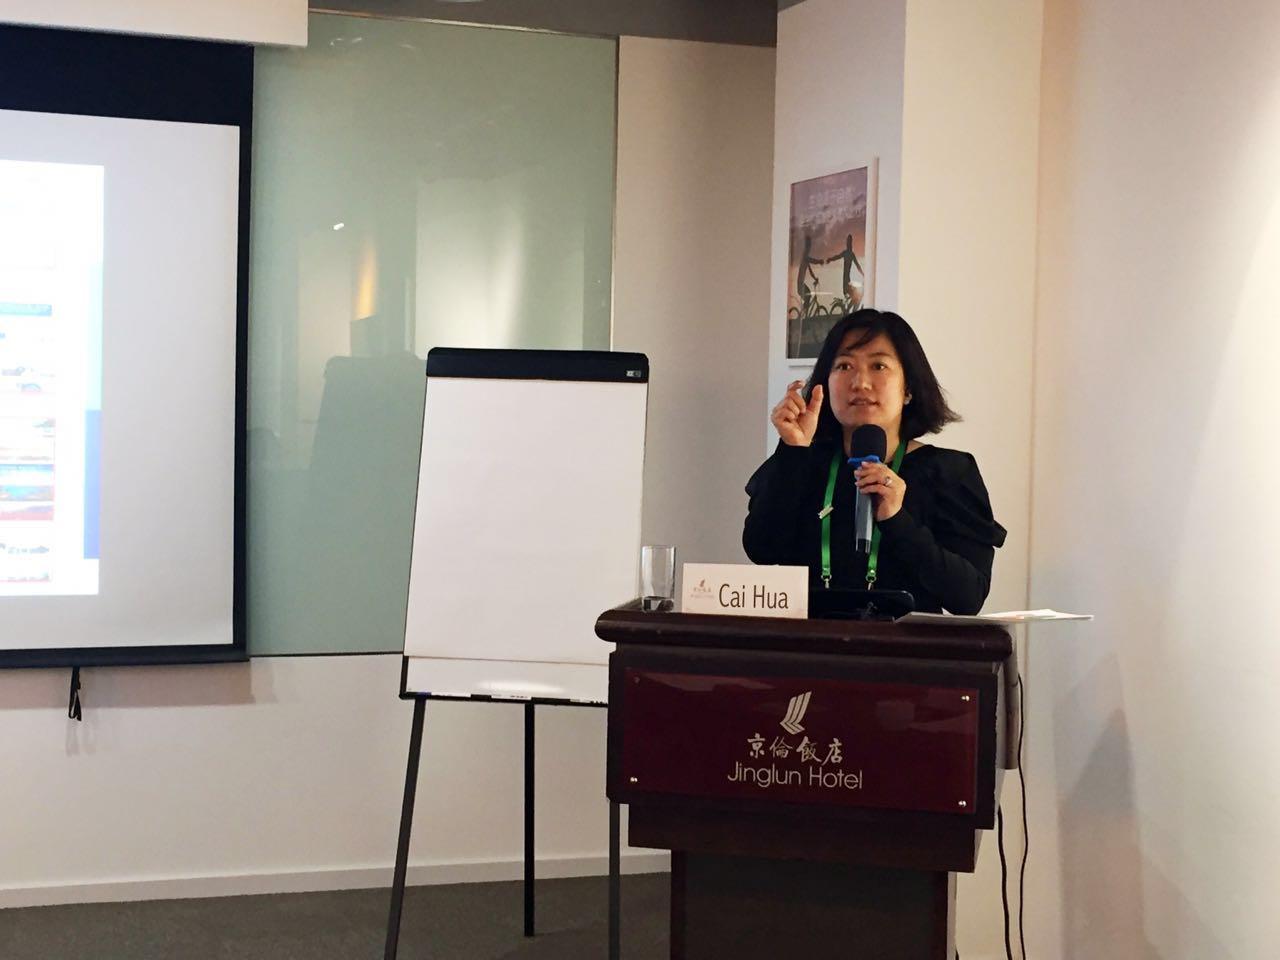 世界旅游城市联合会公共关系与品牌推广总监才华向培训学员们介绍联合会自媒体平台